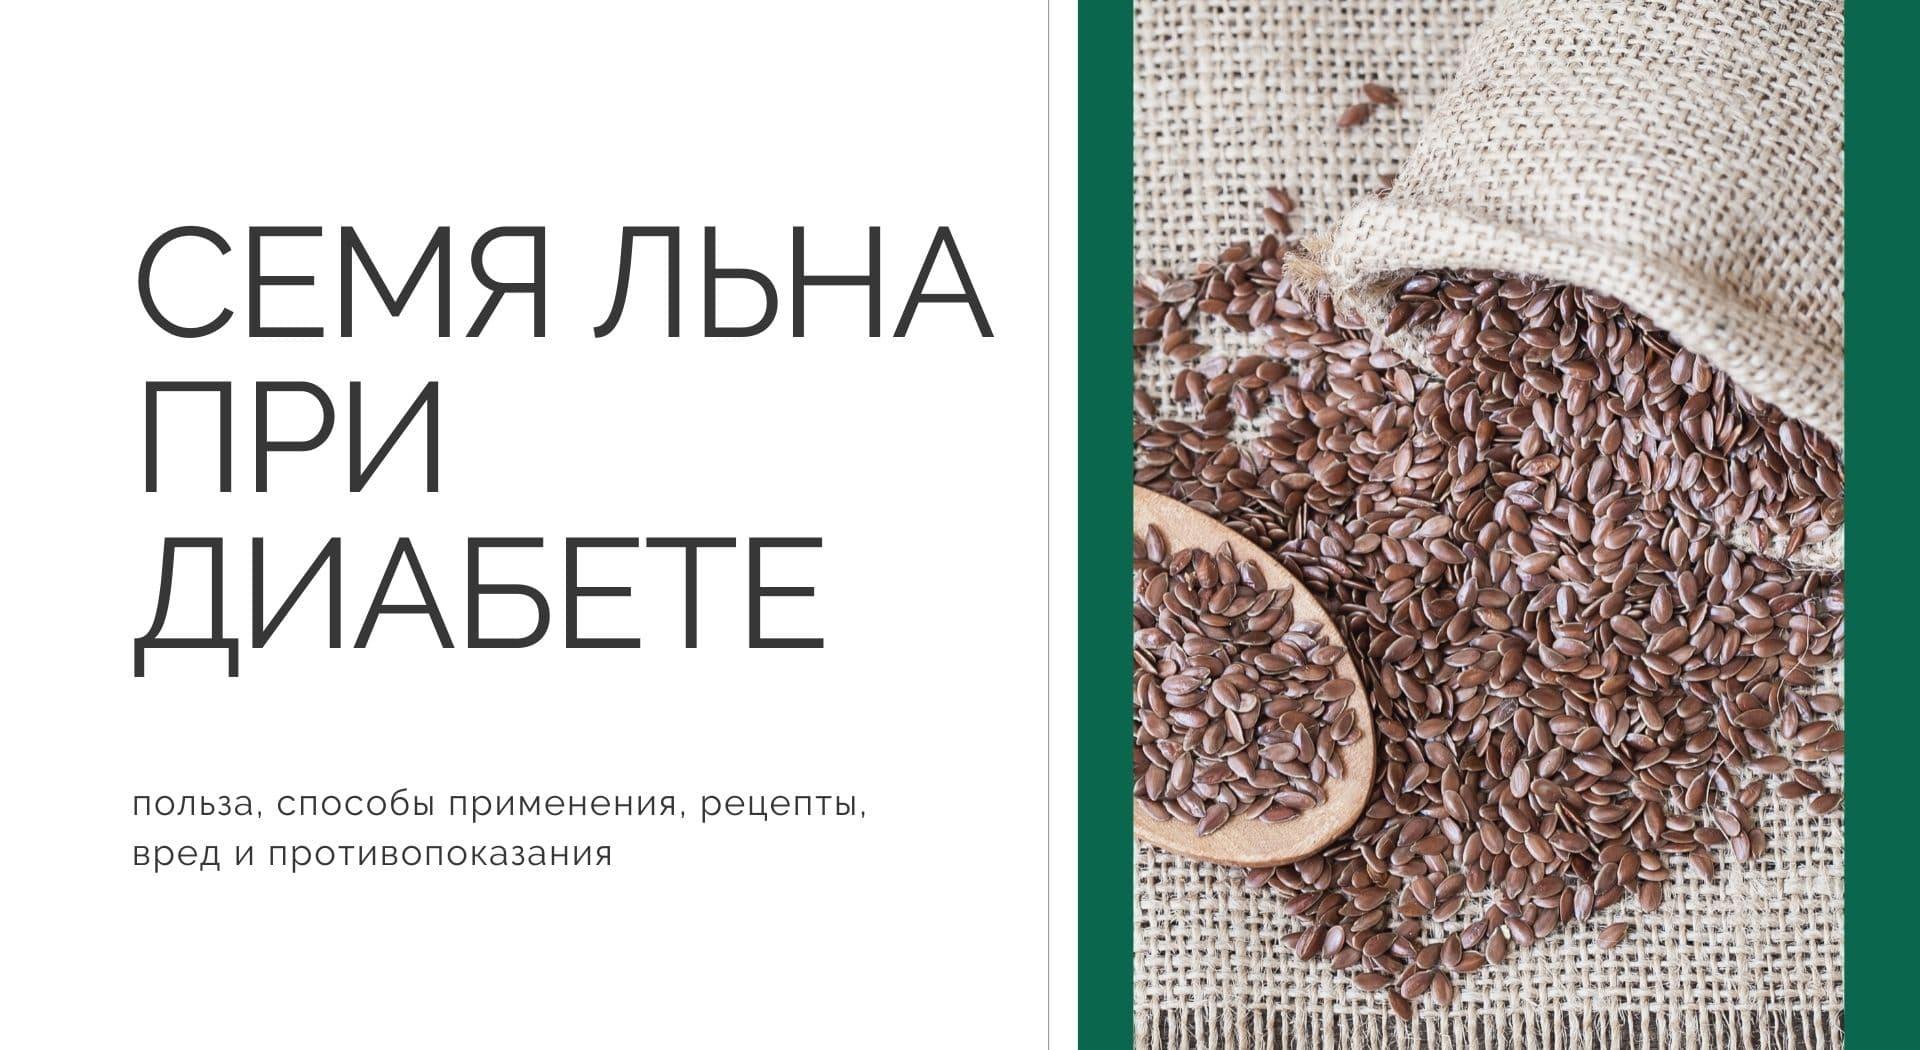 Семя льна при диабете: польза, способы применения, рецепты, вред и противопоказания